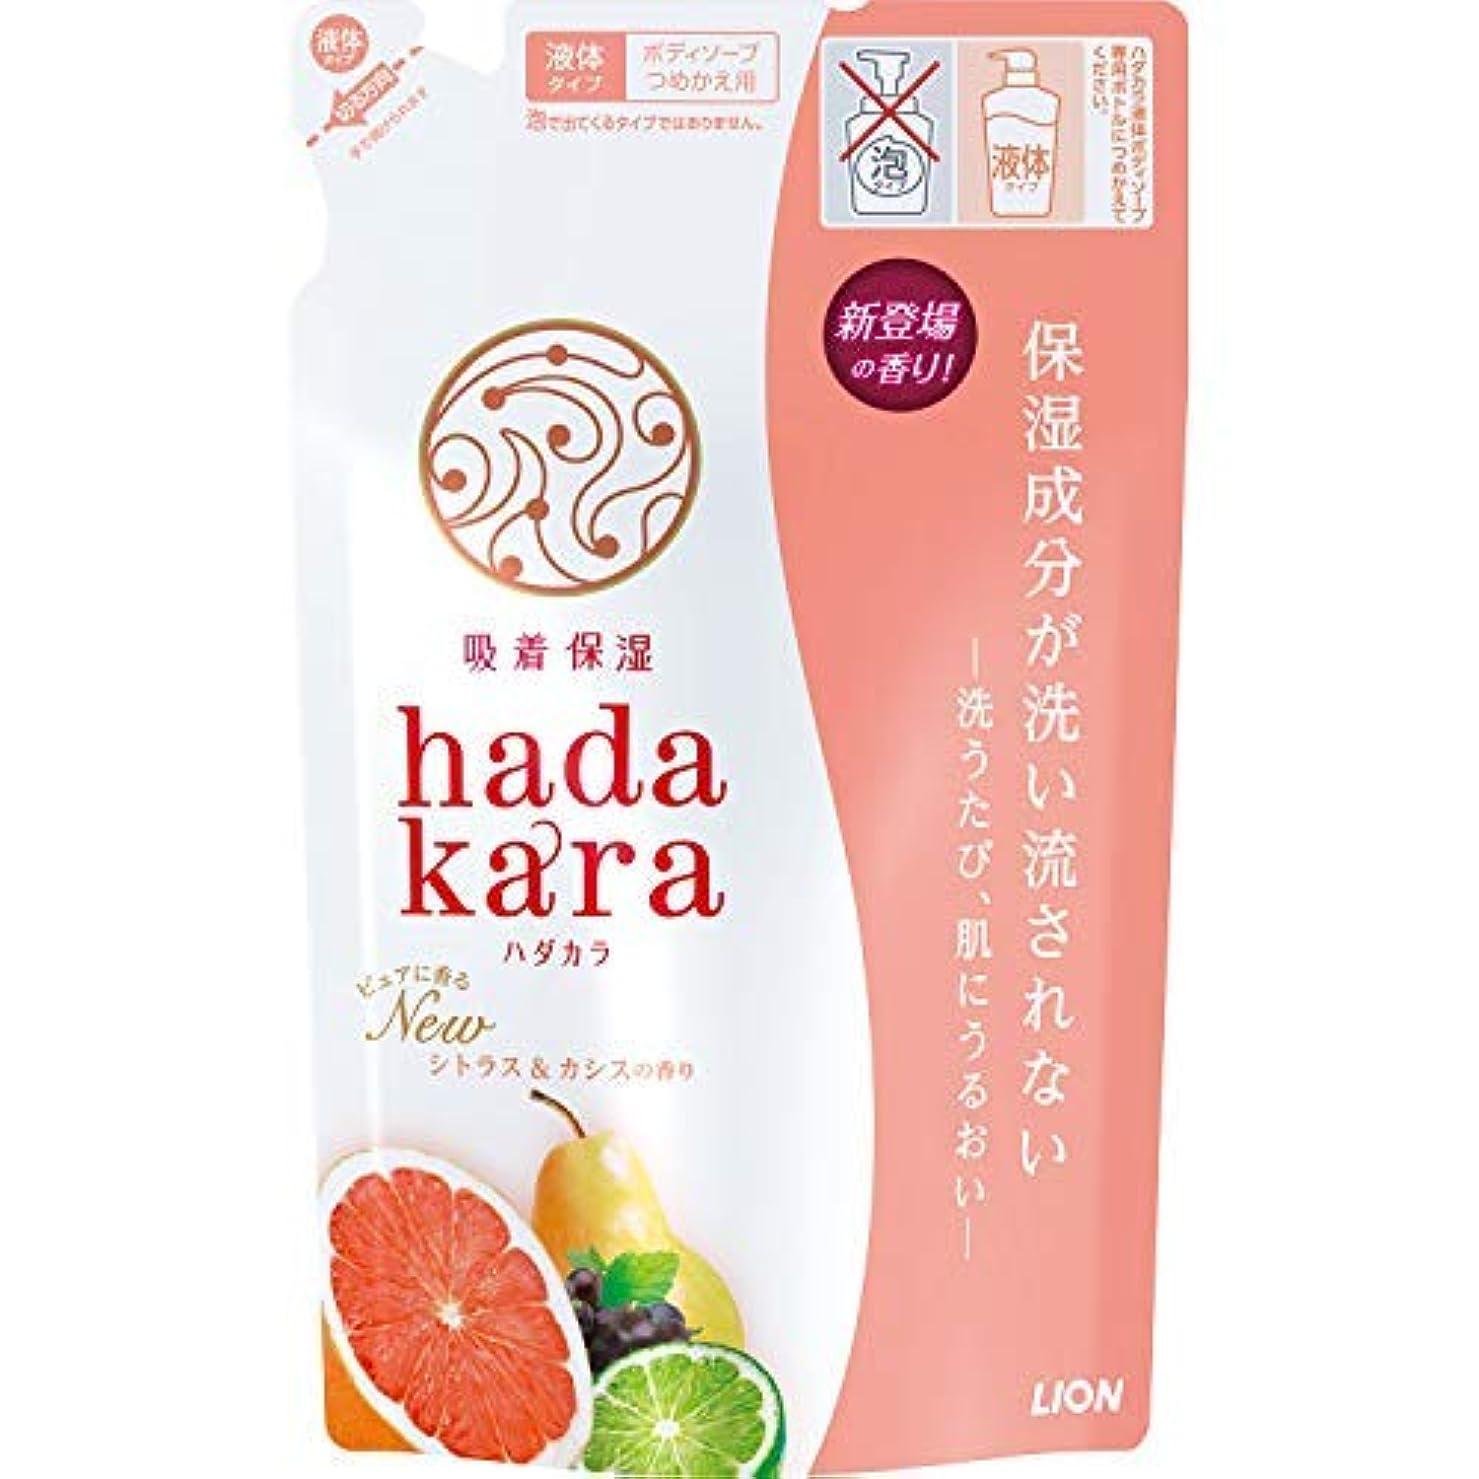 相反するアンソロジー田舎hadakara(ハダカラ)ボディソープ シトラス&カシスの香り 詰替え用 360ml × 12個セット